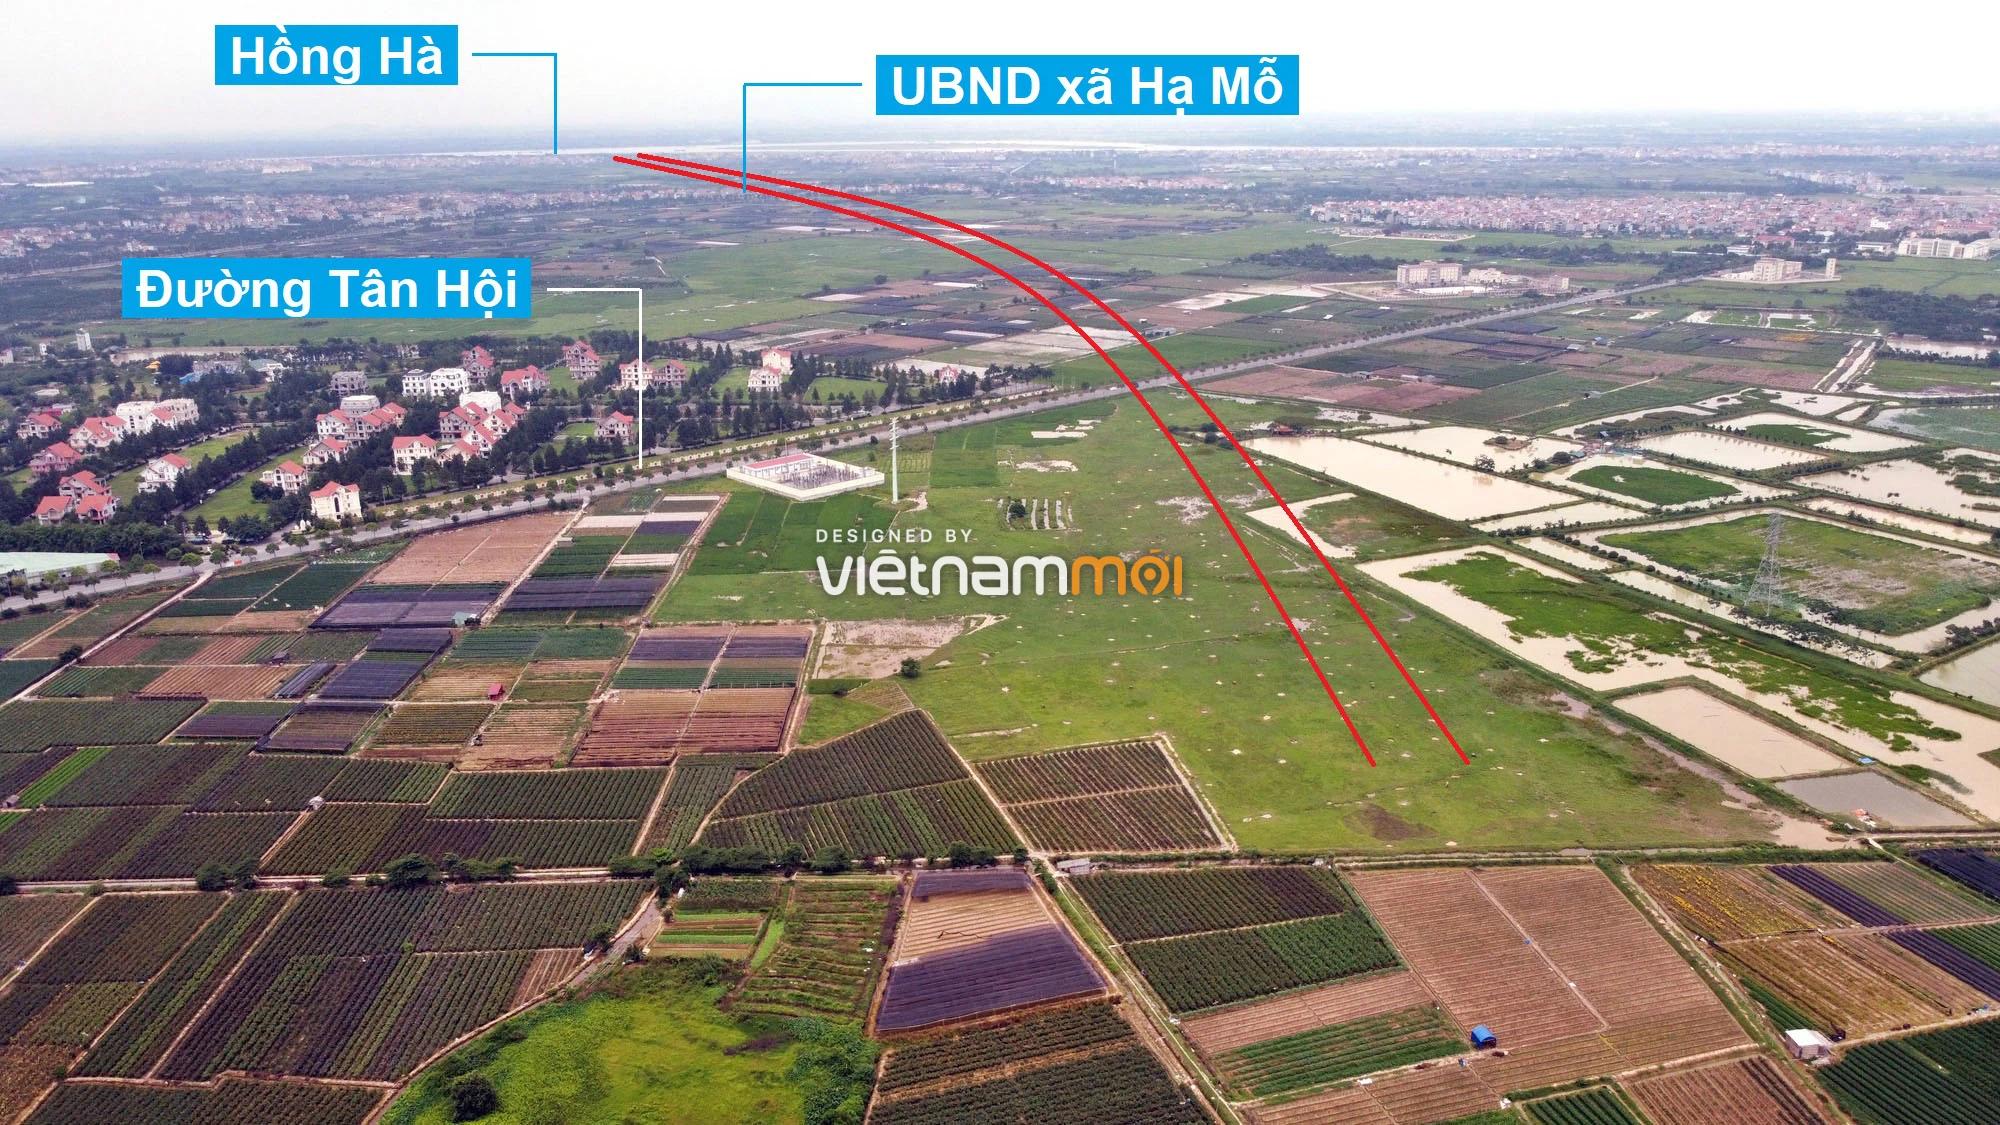 Toàn cảnh đường Vành đai 4 theo quy hoạch qua huyện Đan Phượng, Hà Nội - Ảnh 11.